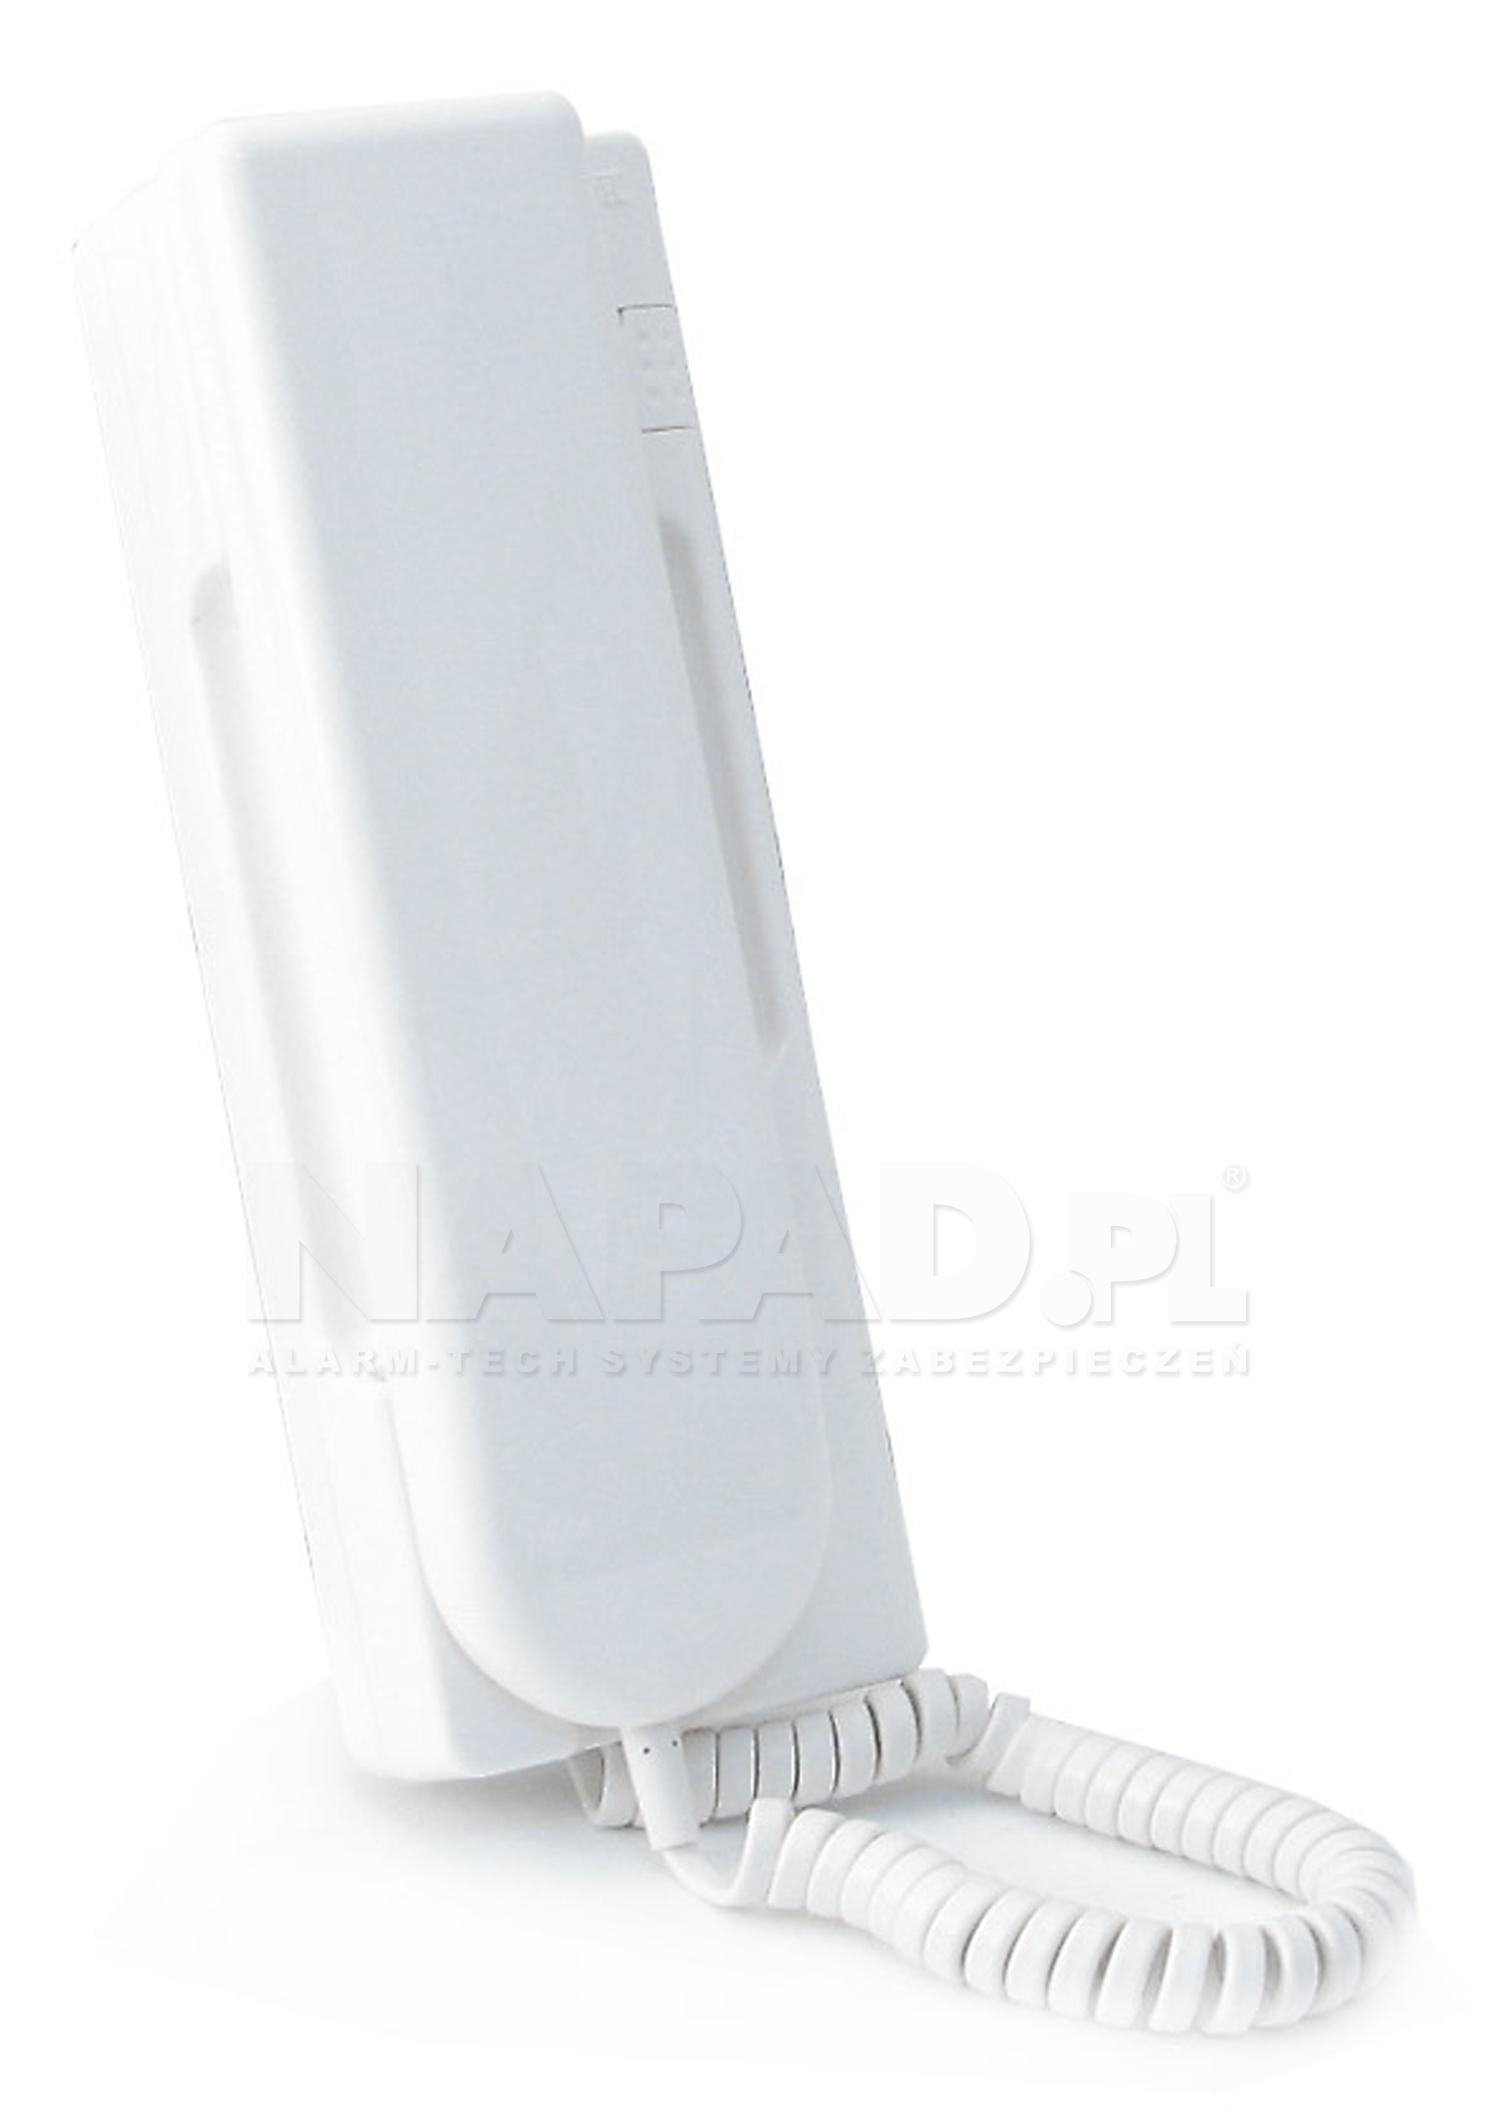 Unifon 1131/621